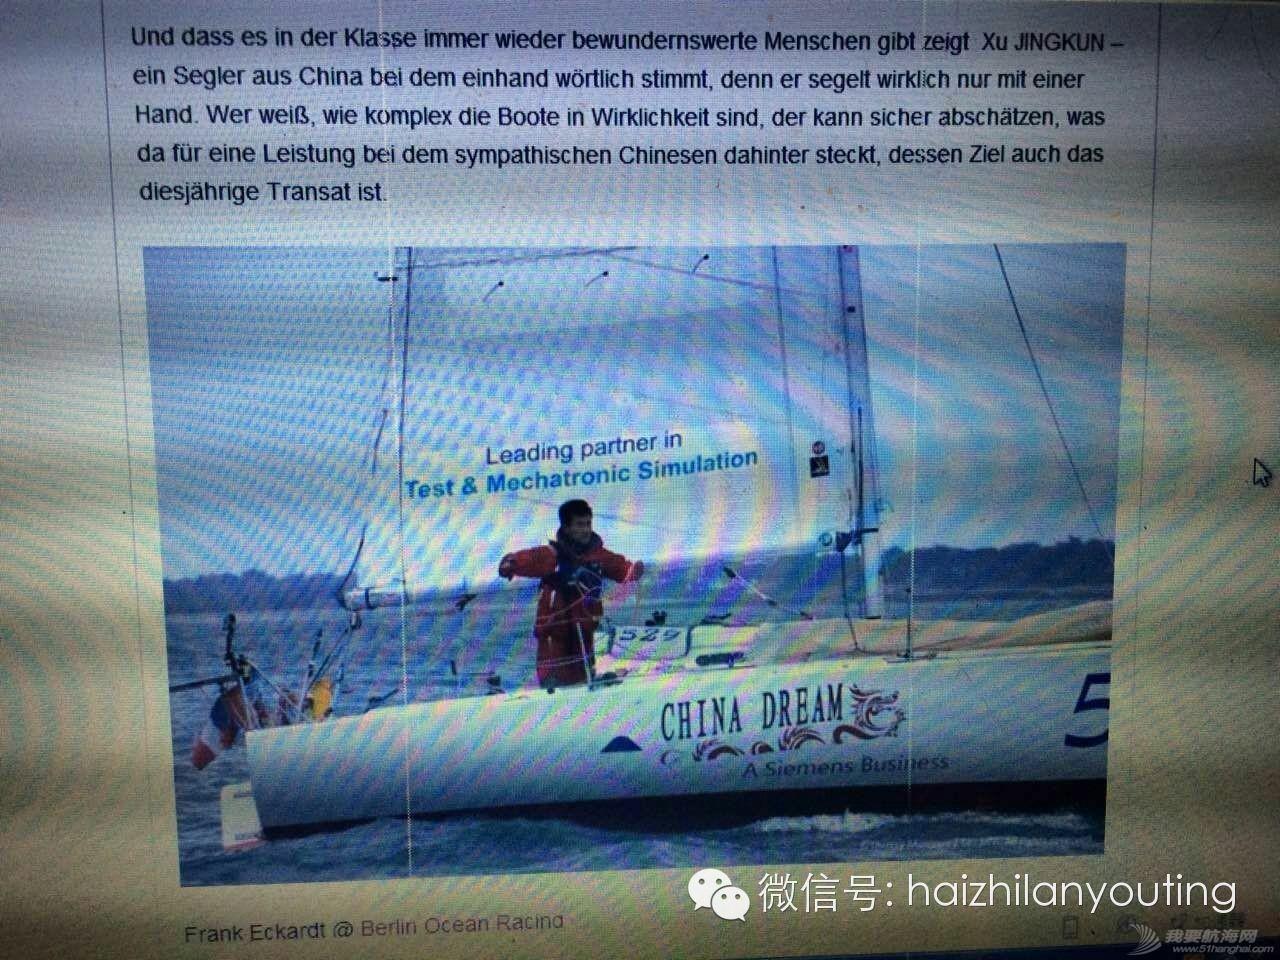 """通讯设备,国际帆联,航海技术,大西洋,培训机构,通讯设备,国际帆联,航海技术,大西洋,培训机构 徐京坤的新梦想----参加2015年""""MINI TRANSAT 650级别单人横渡大西洋帆船赛"""". 505fe3cf448074a81a28be9b2d34ff6b.jpg"""